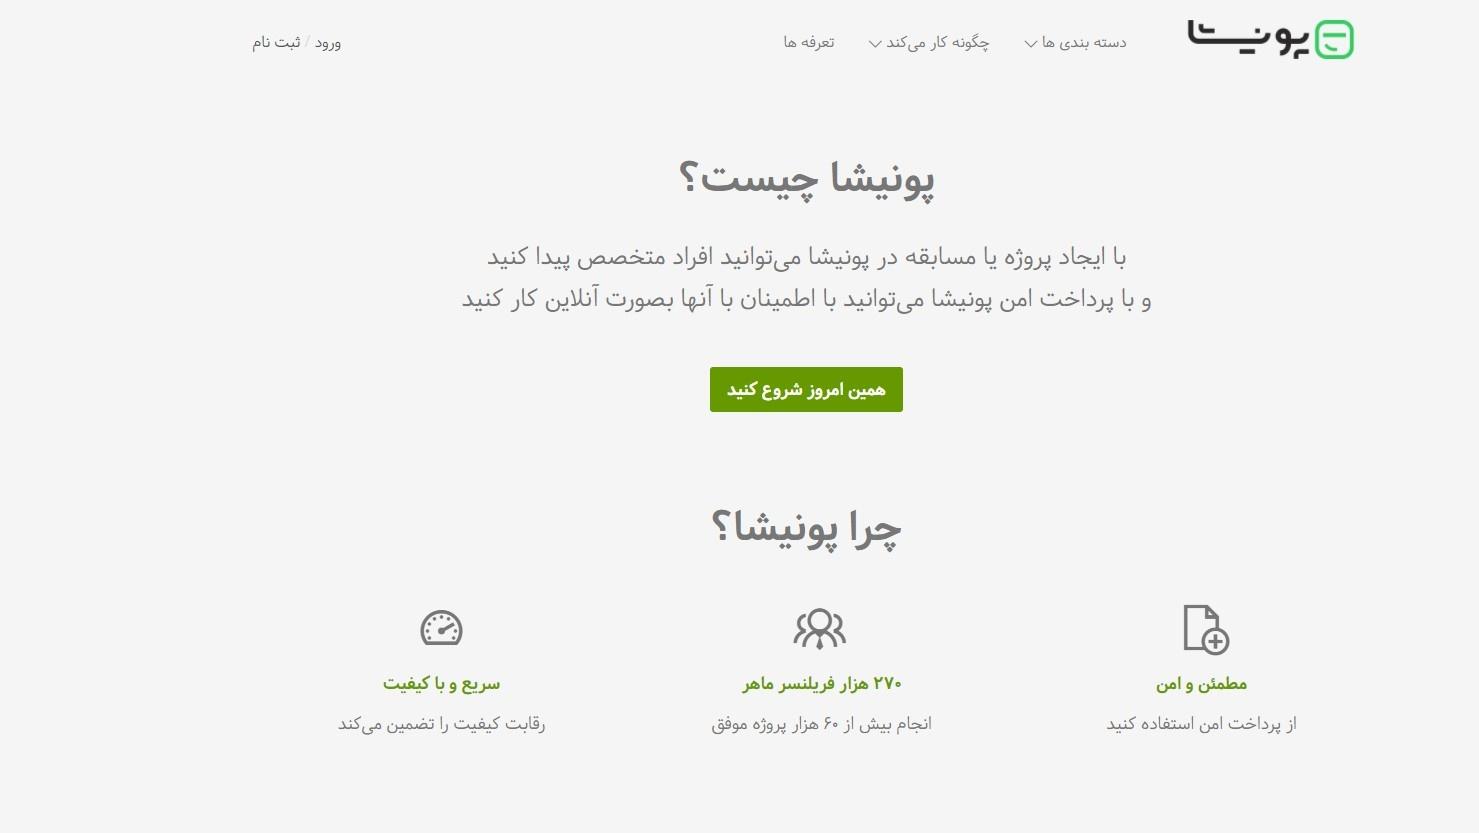 پونیشا یکی از معروف ترین سایت های مخصوص فریلسنرها است که ایمن ترین روش پرداخت را ارائه می کند